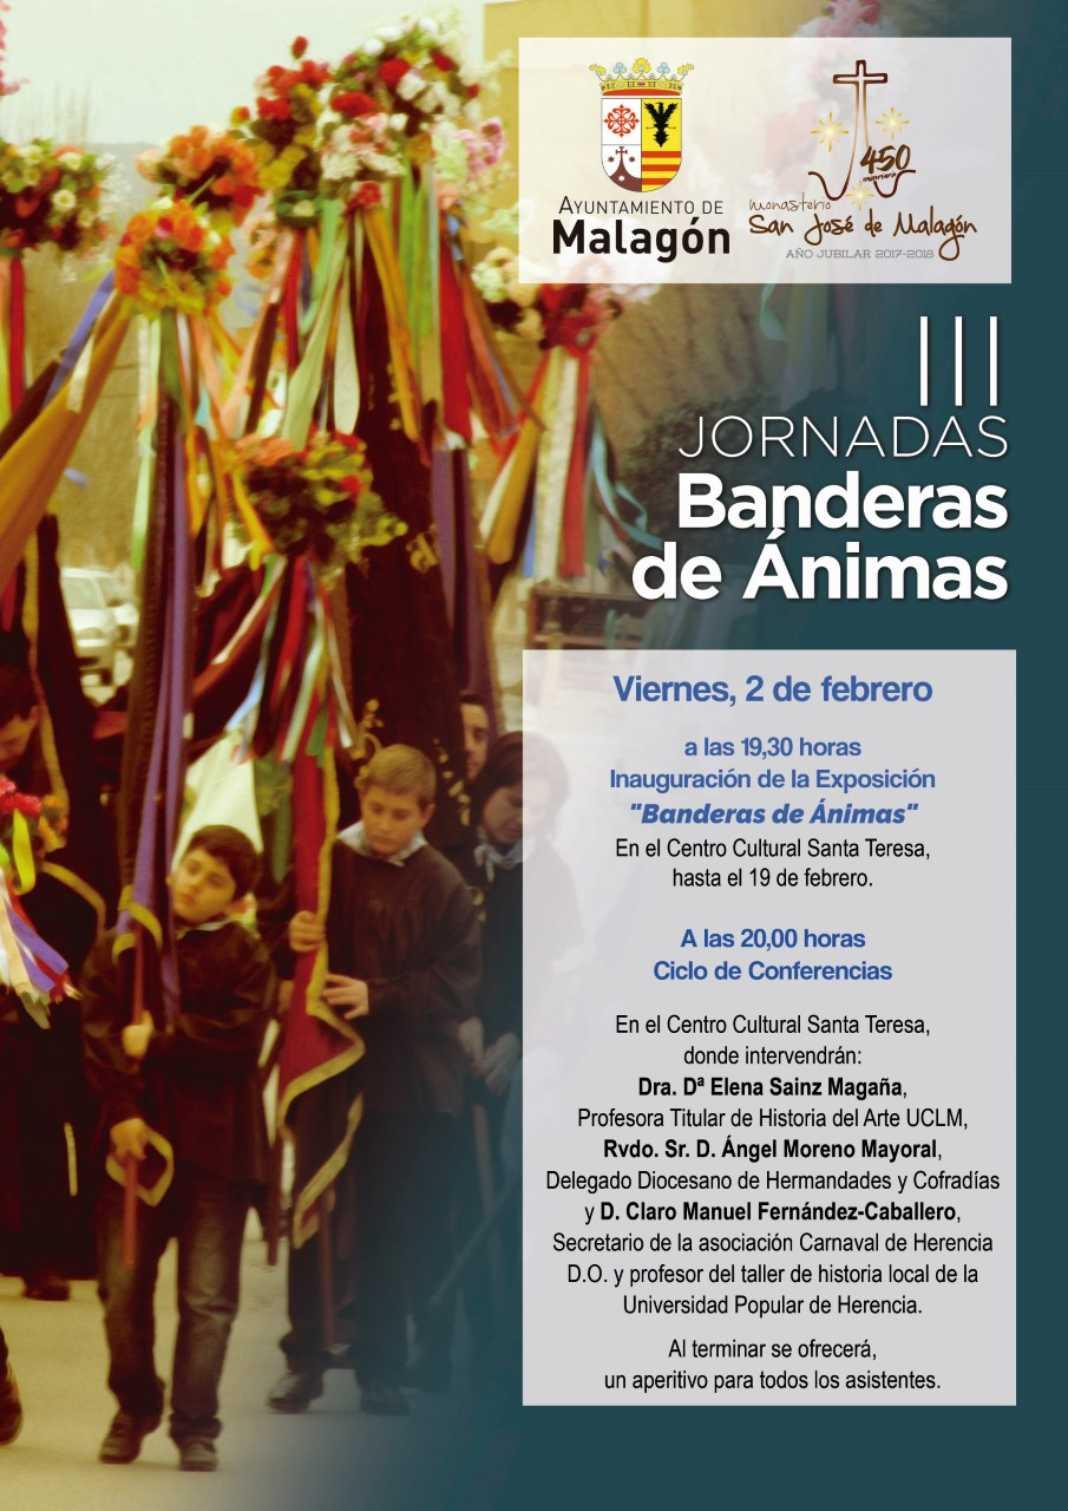 3 jornadas banderas animas 1068x1511 - Herencia en las III Jornadas de Banderas de Ánimas en Malagón